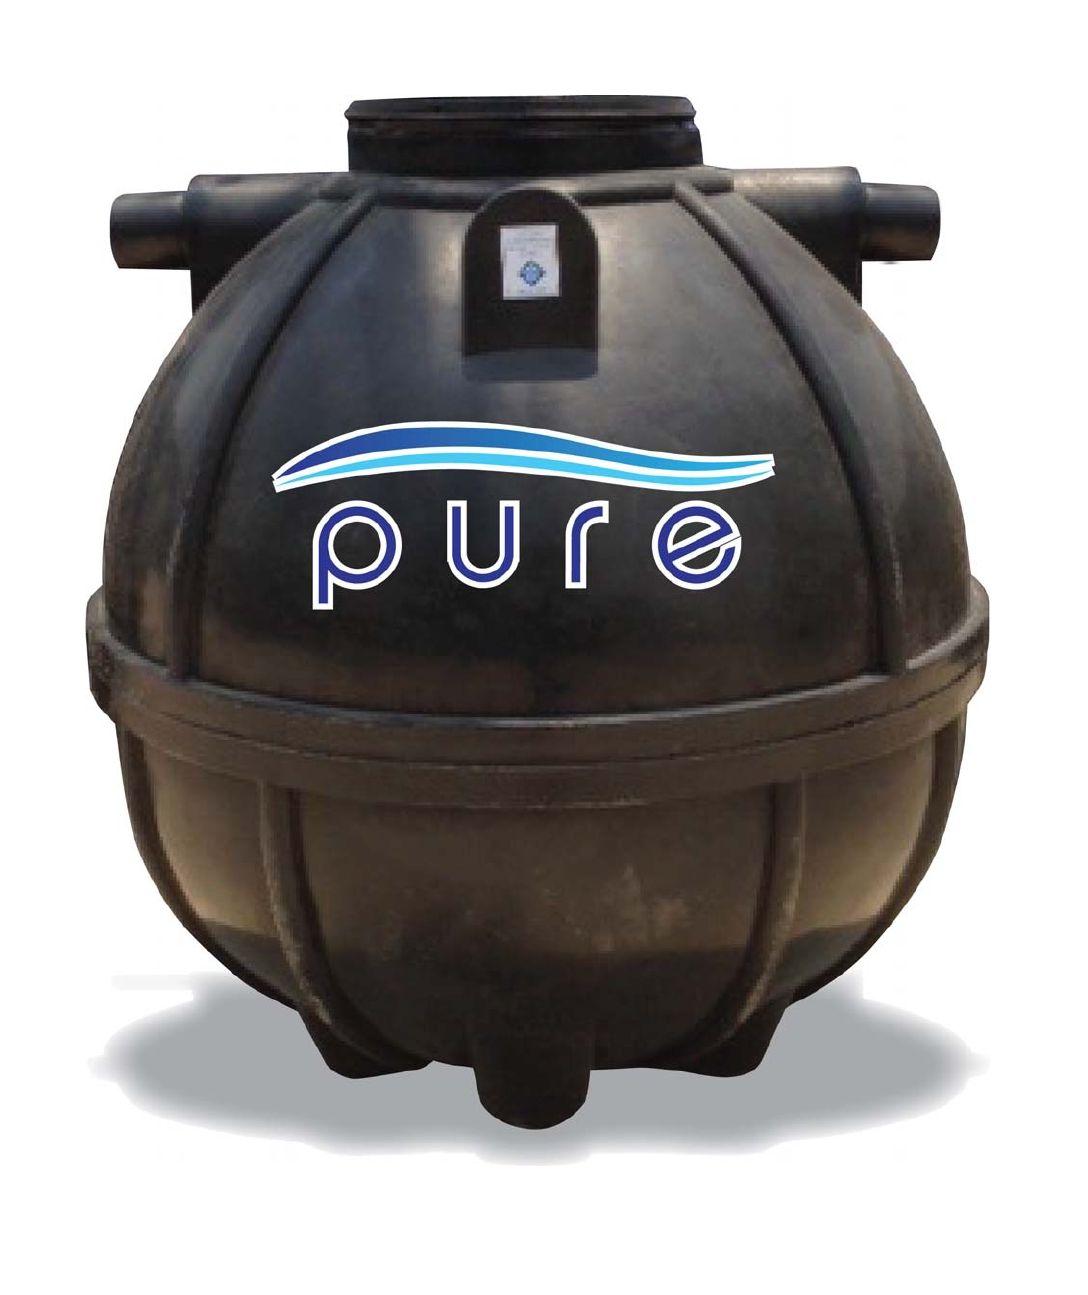 ถังบำบัดน้ำเสียเกรอะกรองรวมแบบไร้อากาศ PURE รุ่น PS-6000 ขนาด 6000 ลิตร